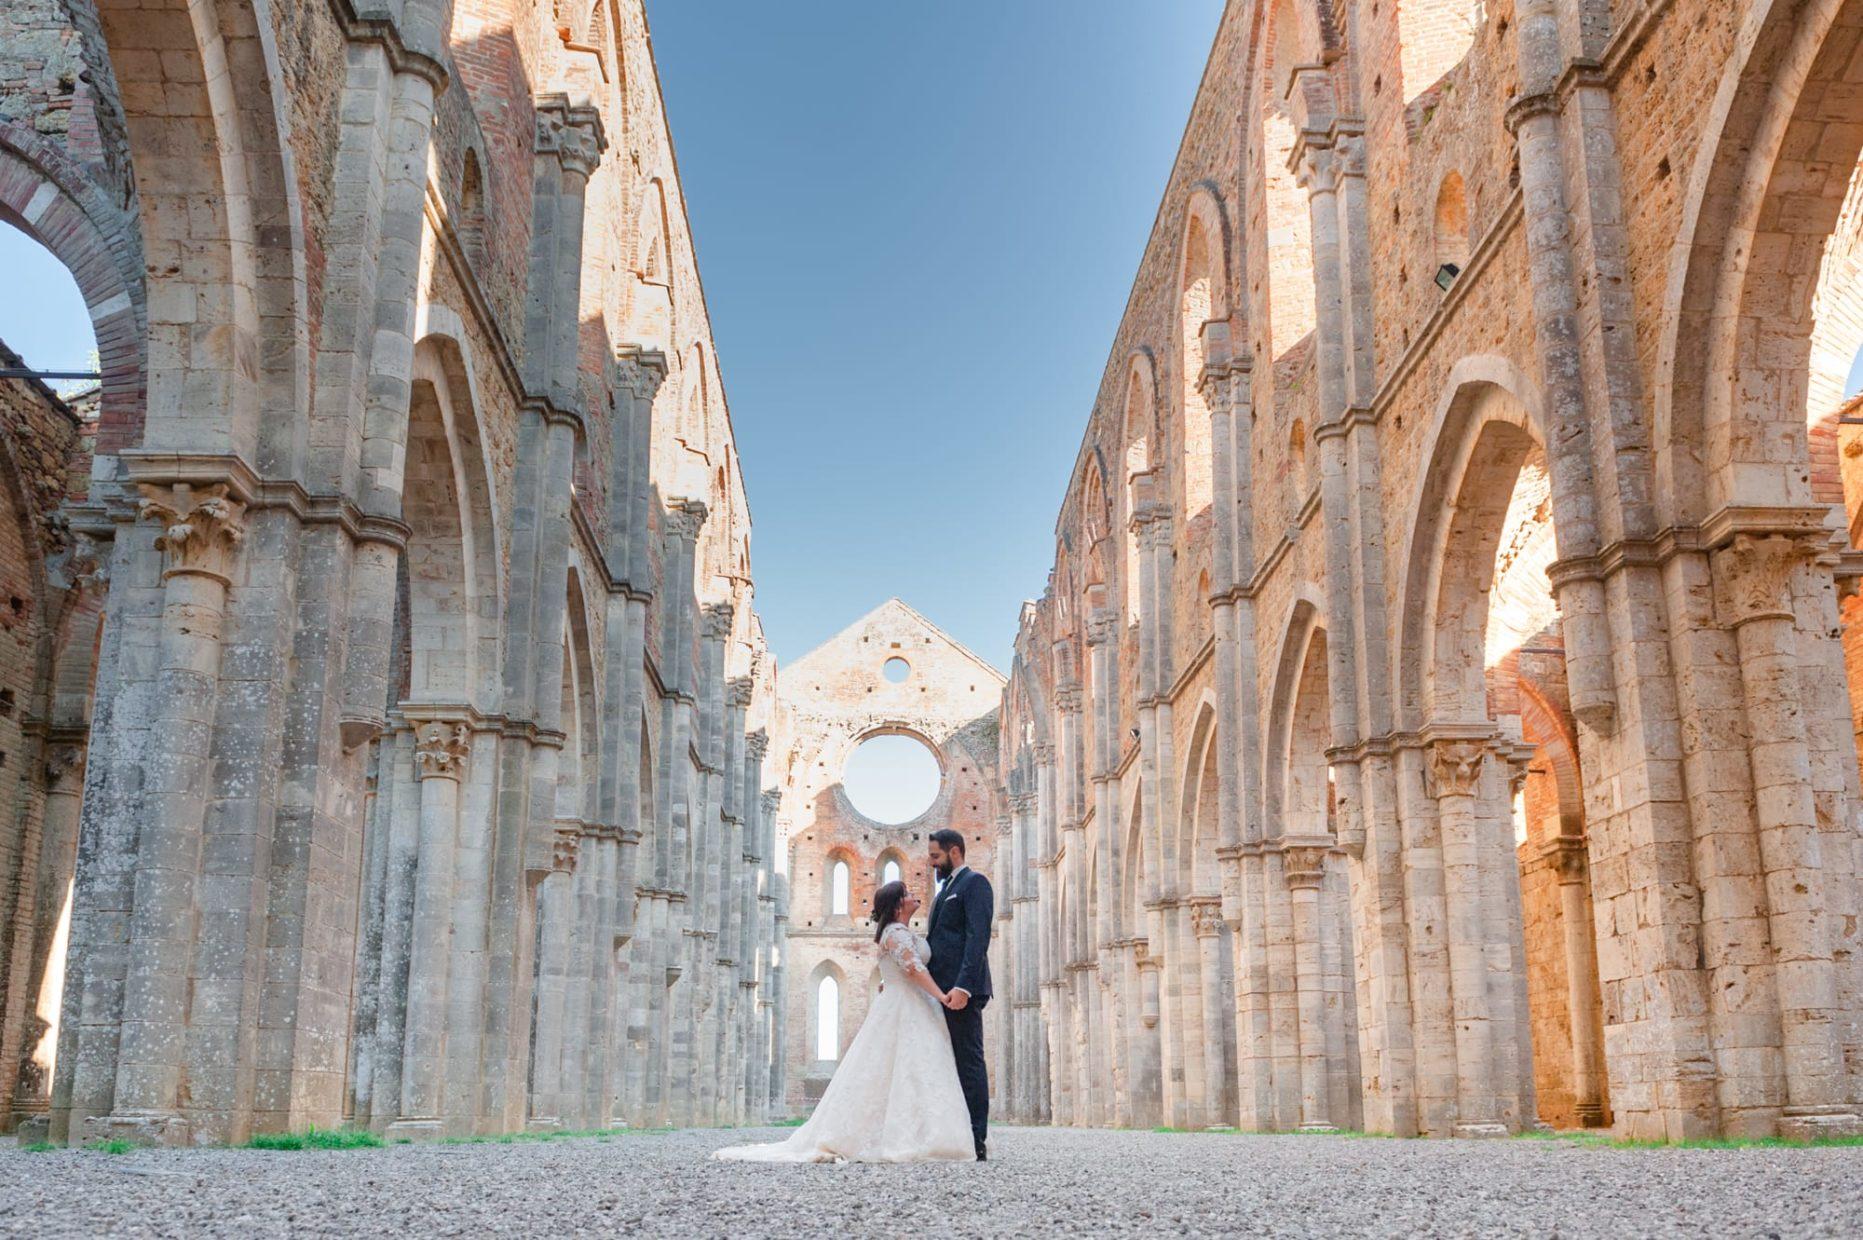 fotografo matrimonio lucca pisa montecatini versilia forte dei marmi pietrasanta viareggio massa